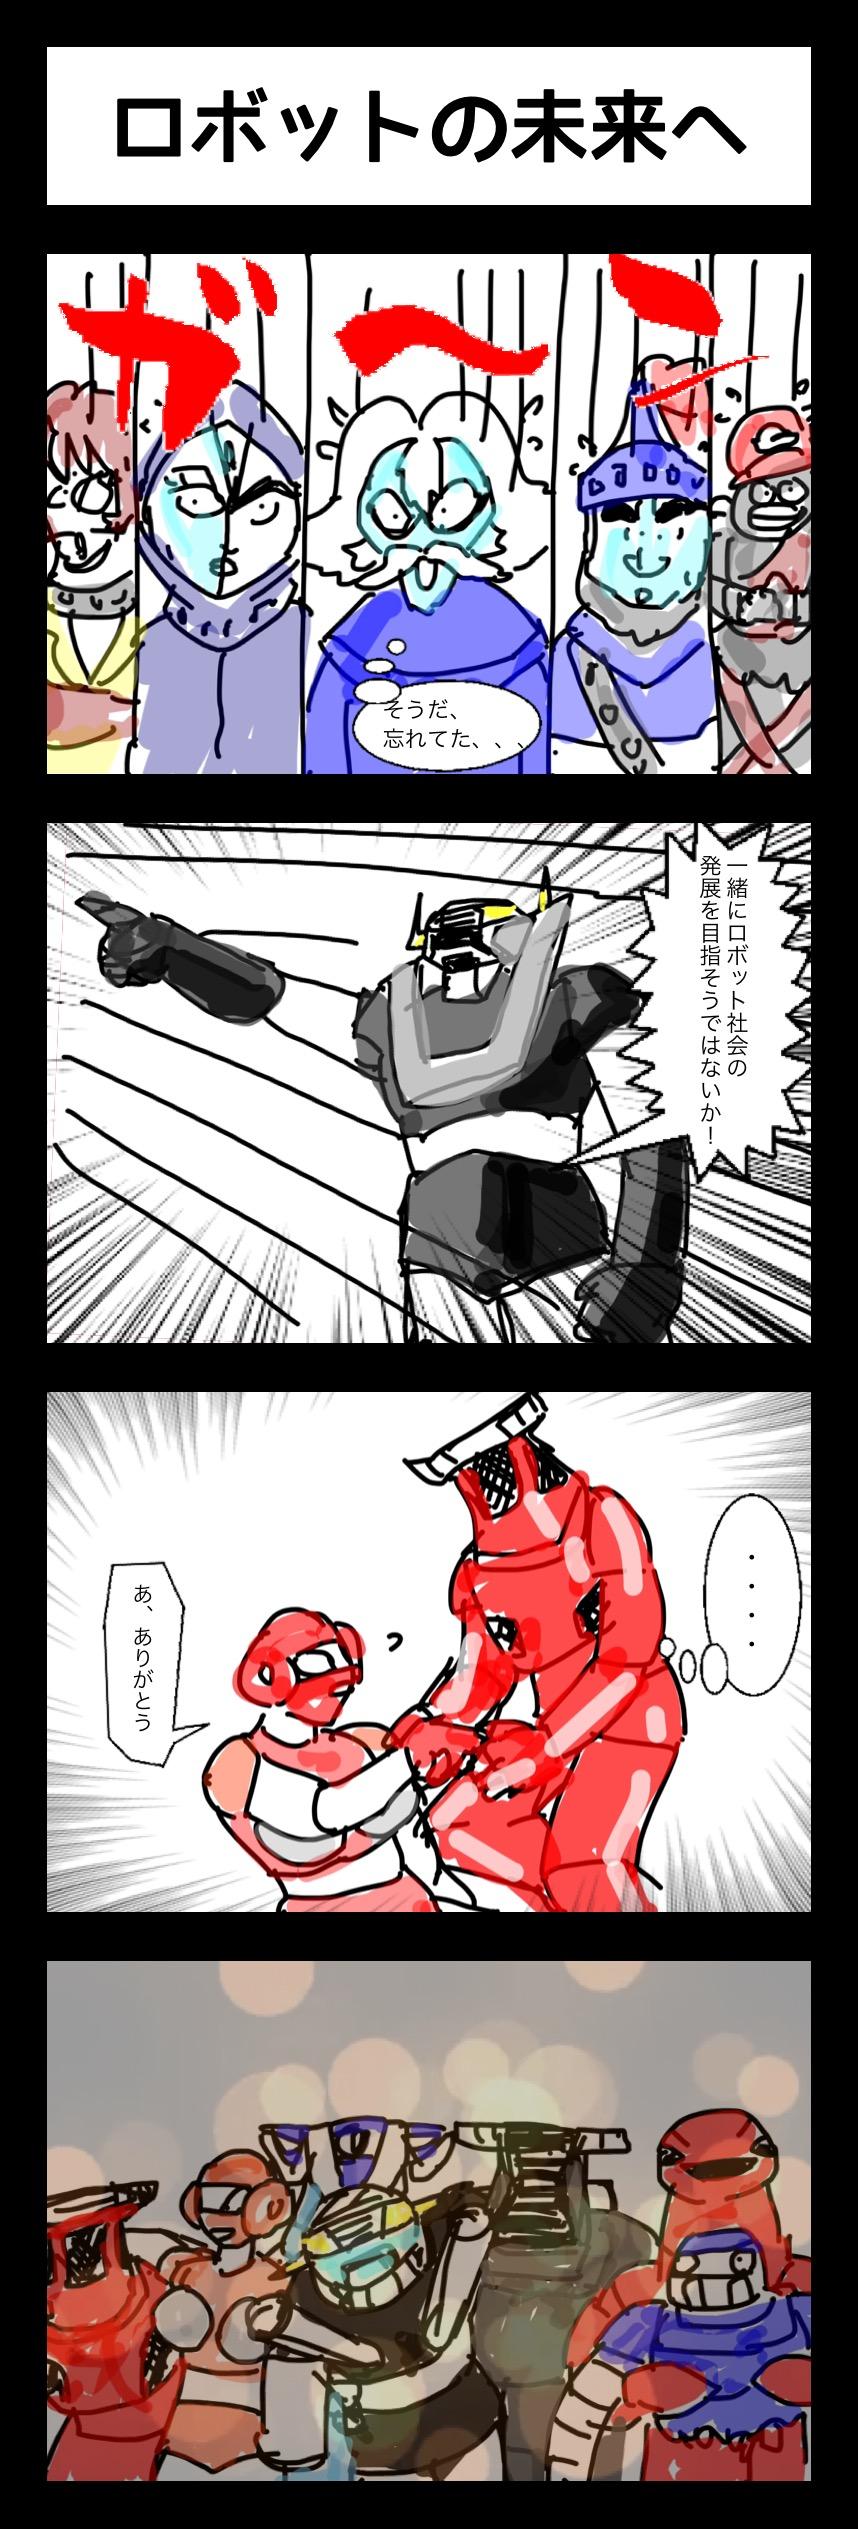 連載4コマ漫画 アトランダーV 第48話